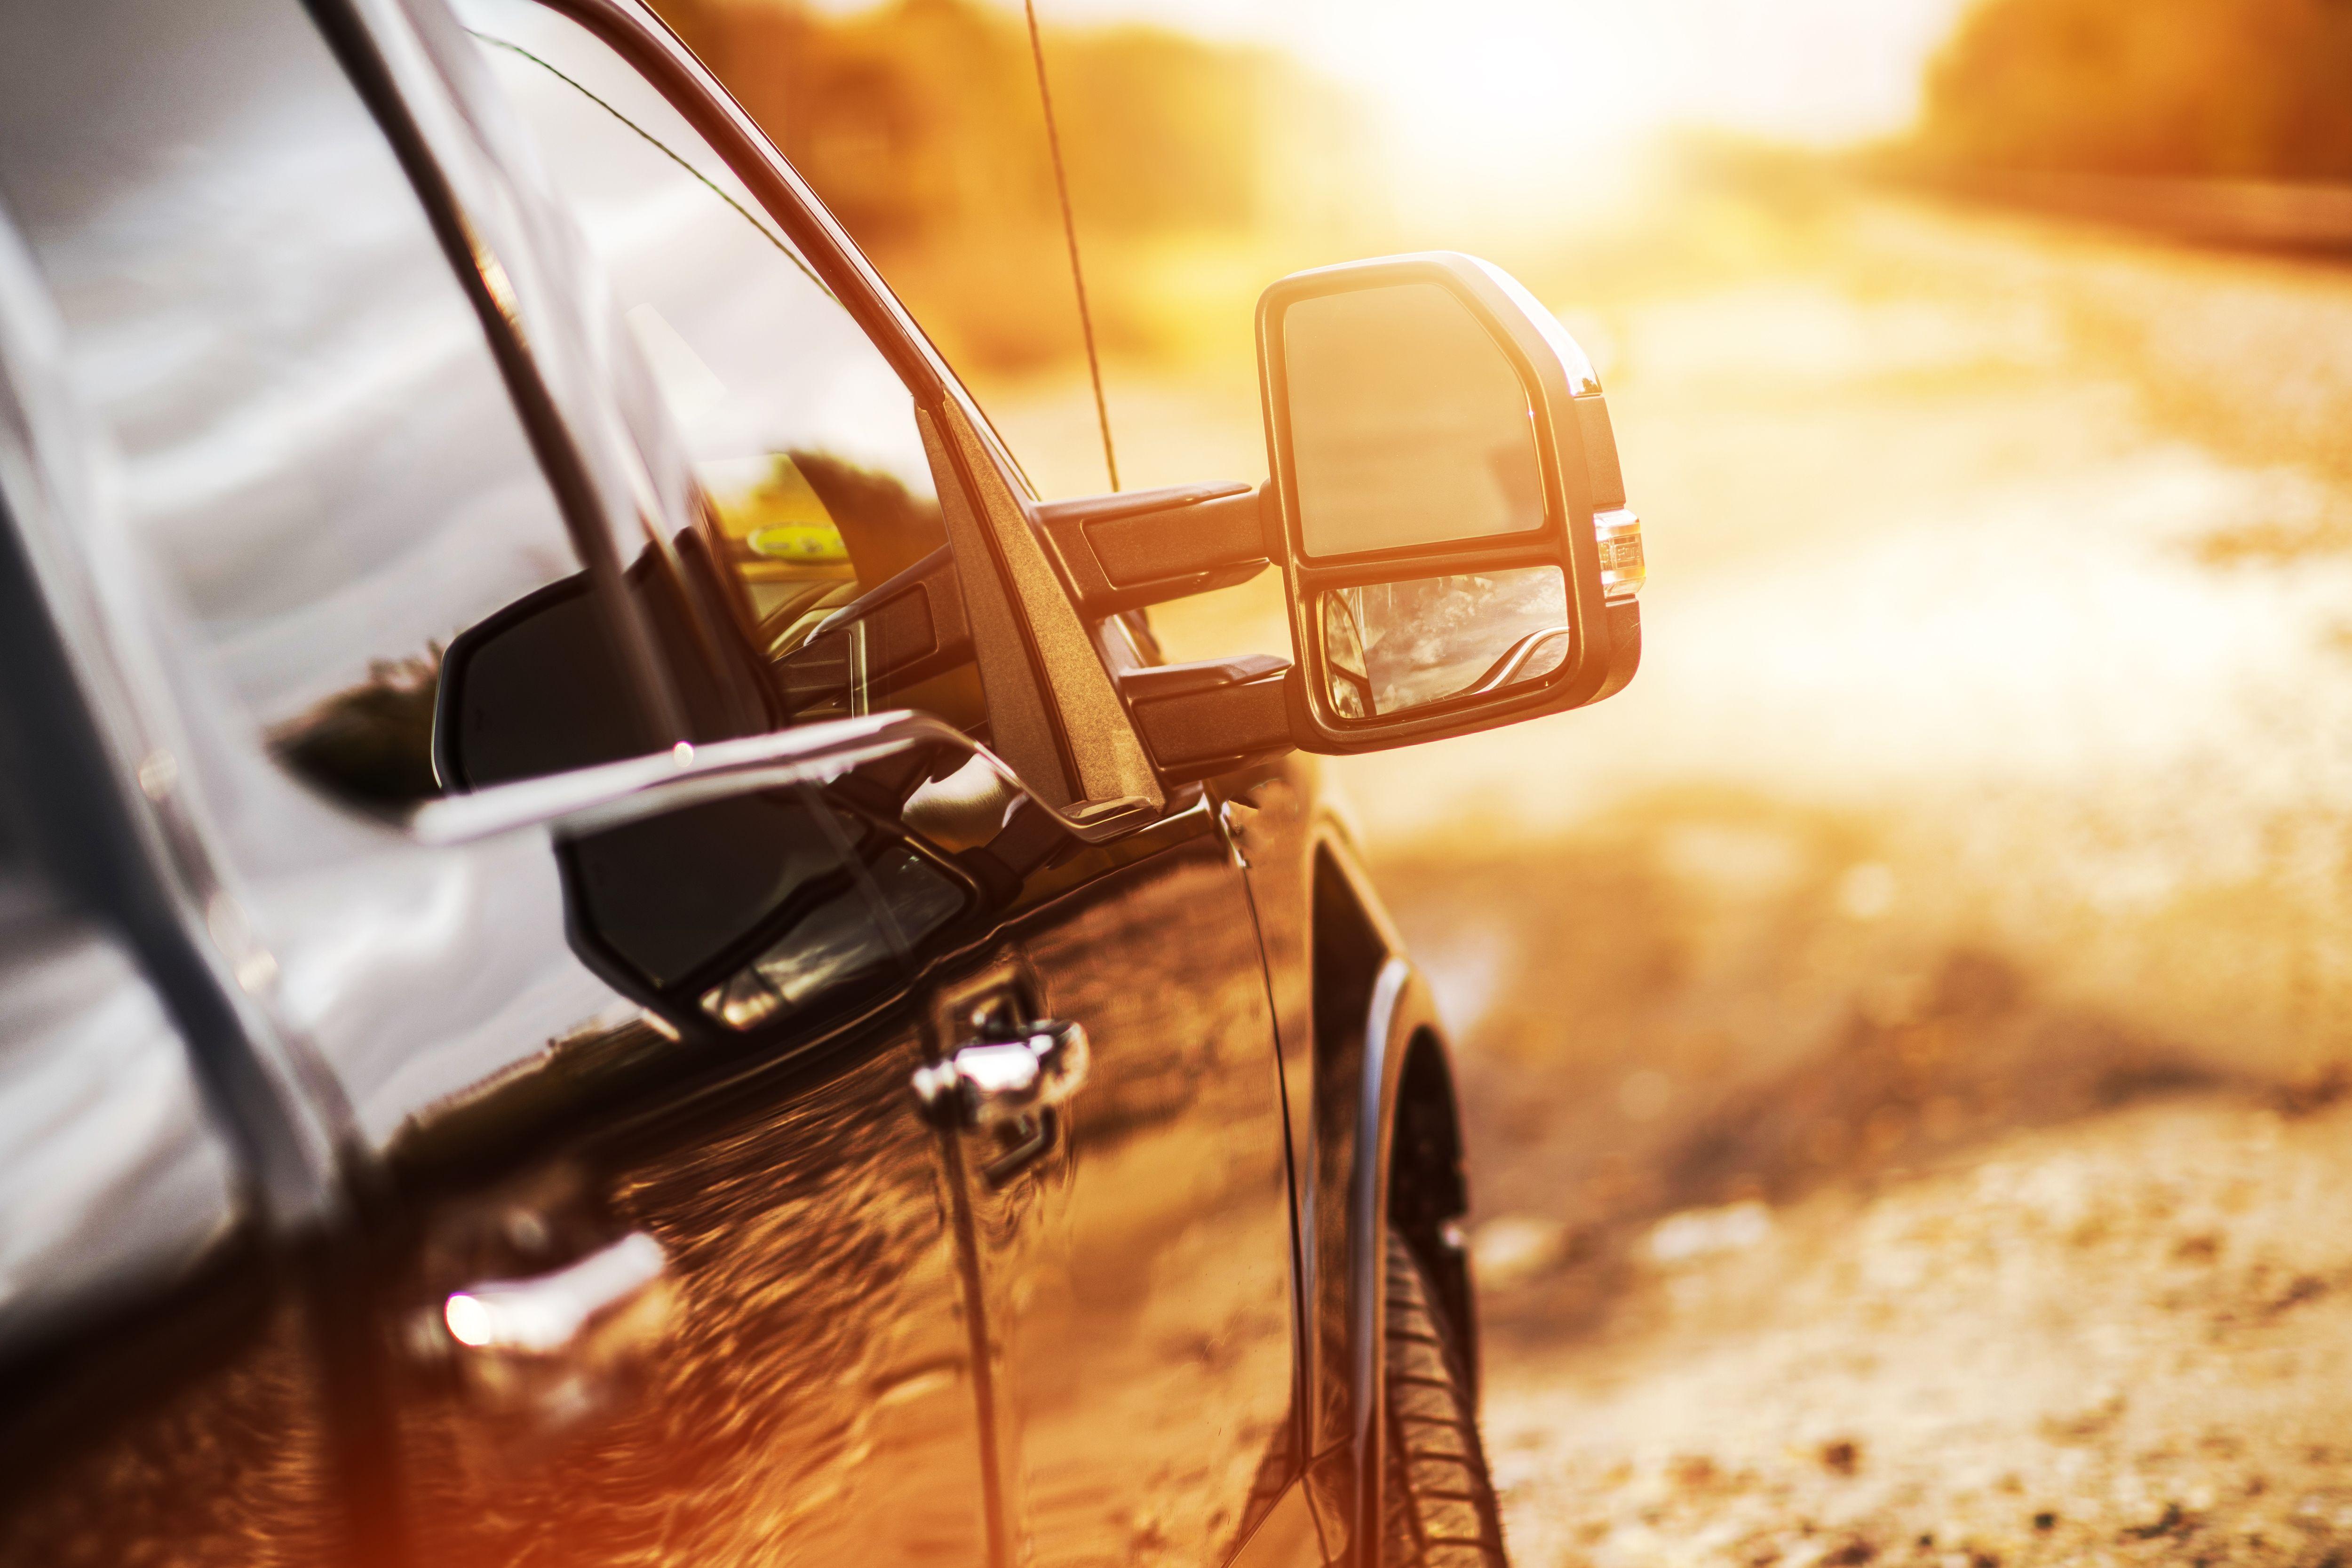 Diesel Vs Gasoline Pickup Fuel Mileage Emissions And Fun Comparison